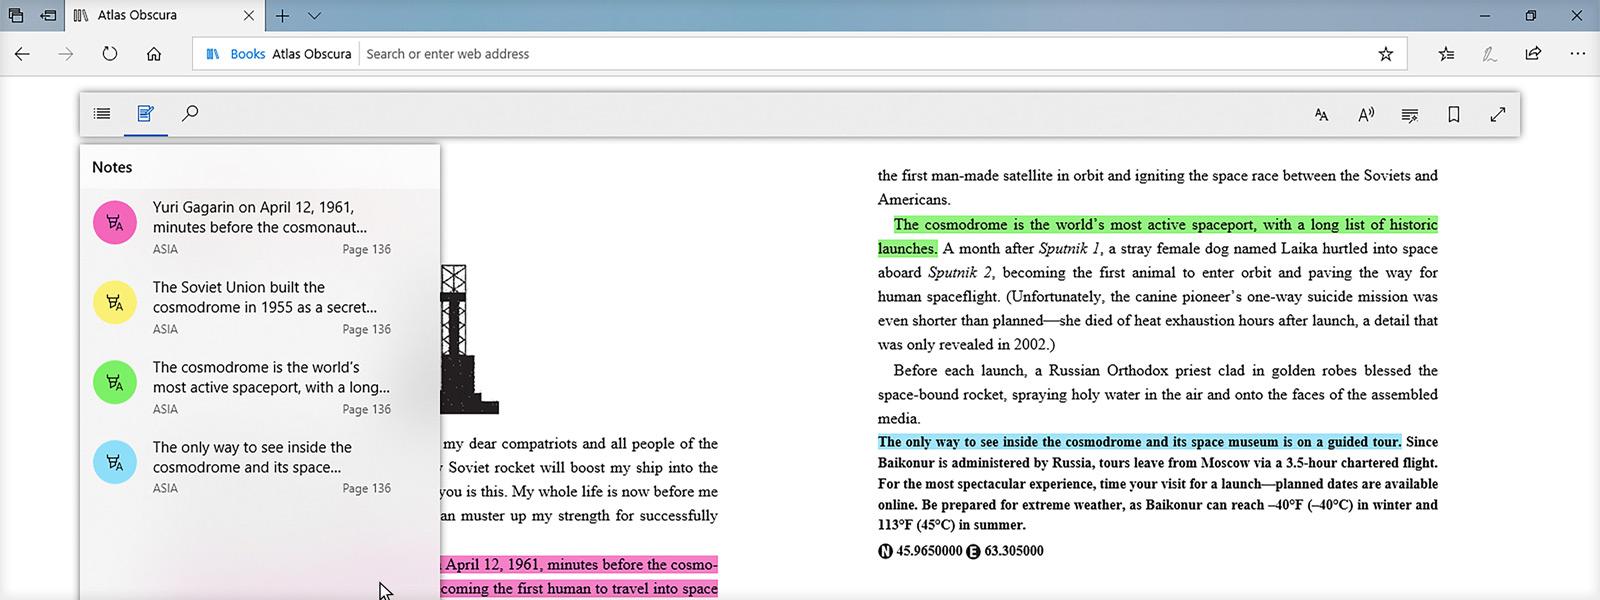 显示在 Microsoft Edge 中阅读书籍时突出显示文本的图像